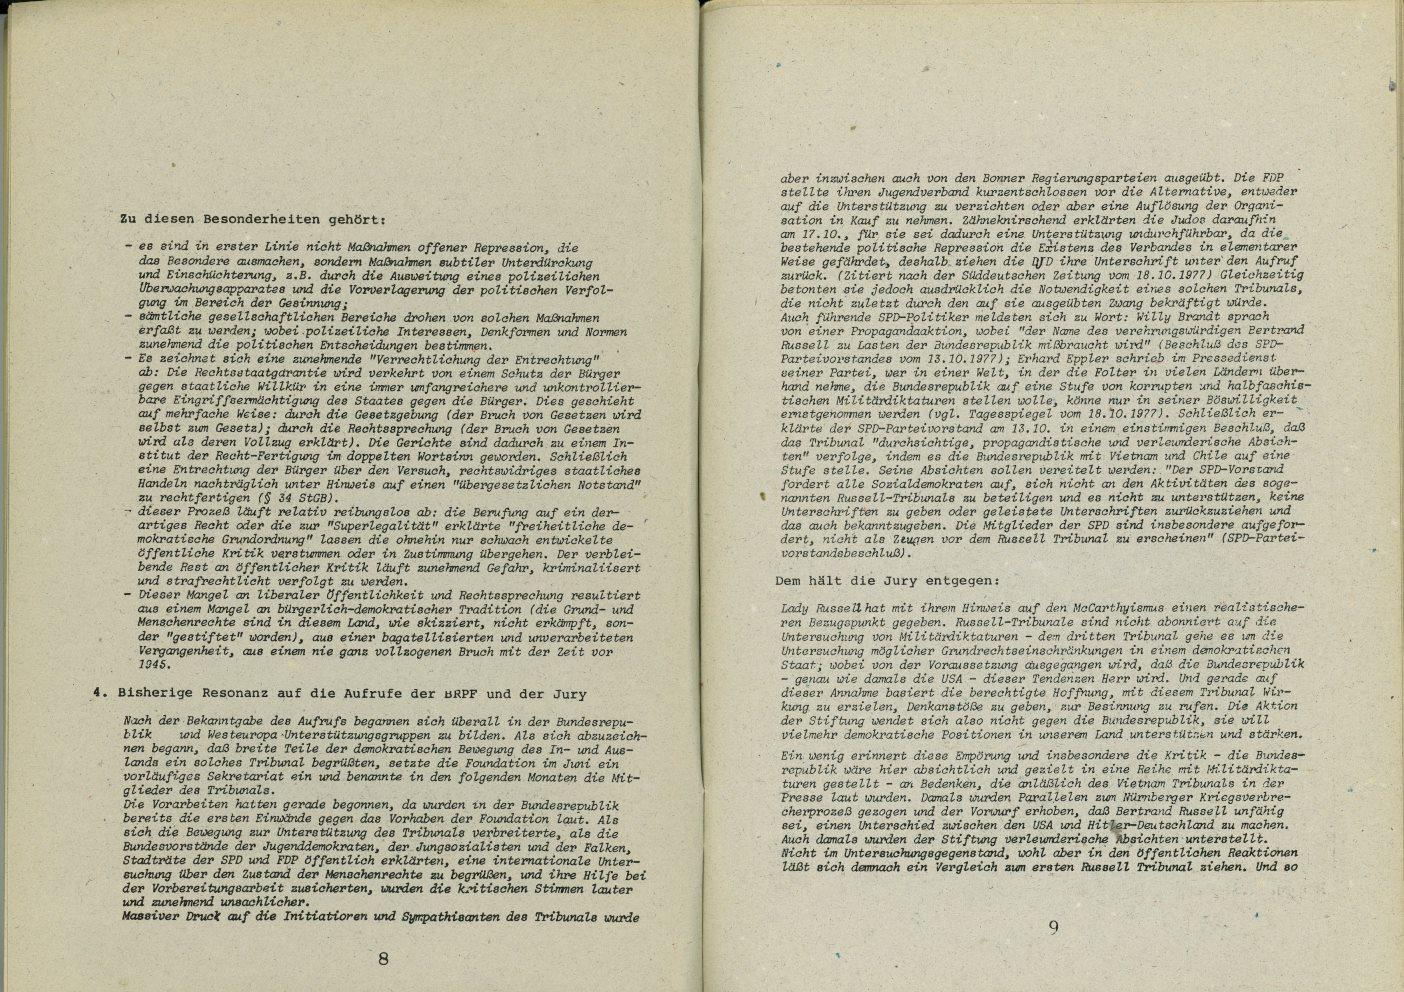 Stuttgart_AGRT_Menschenrechtsverletzungen_Leseheft_1978_06